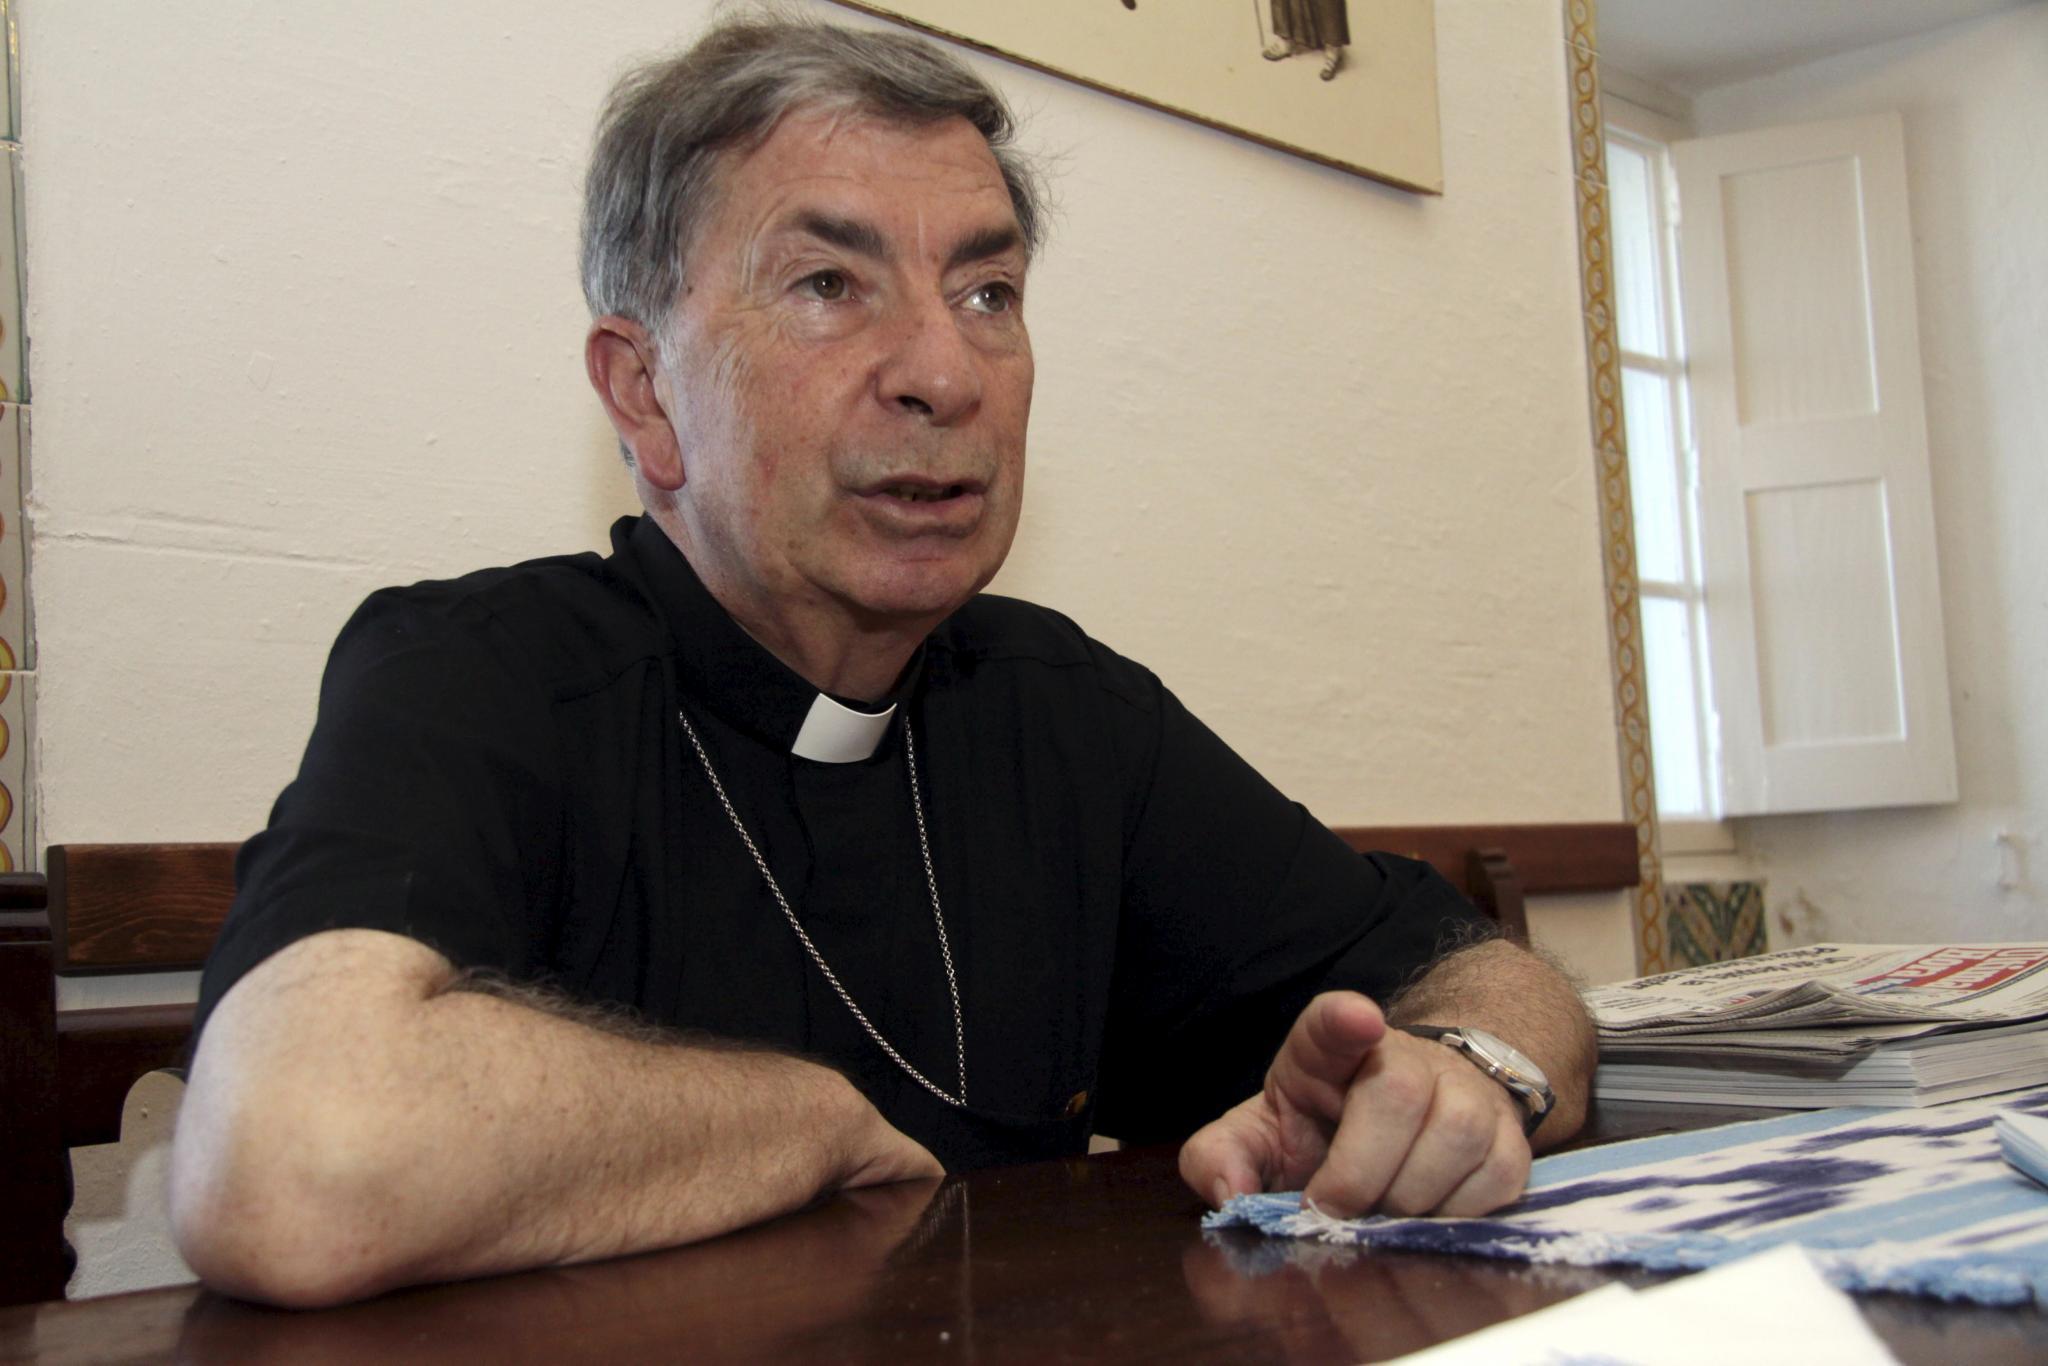 El Obispado de Lérida pide aclaraciones al Juzgado sobre la sentencia que le obliga a devolver los bienes a Barbastro